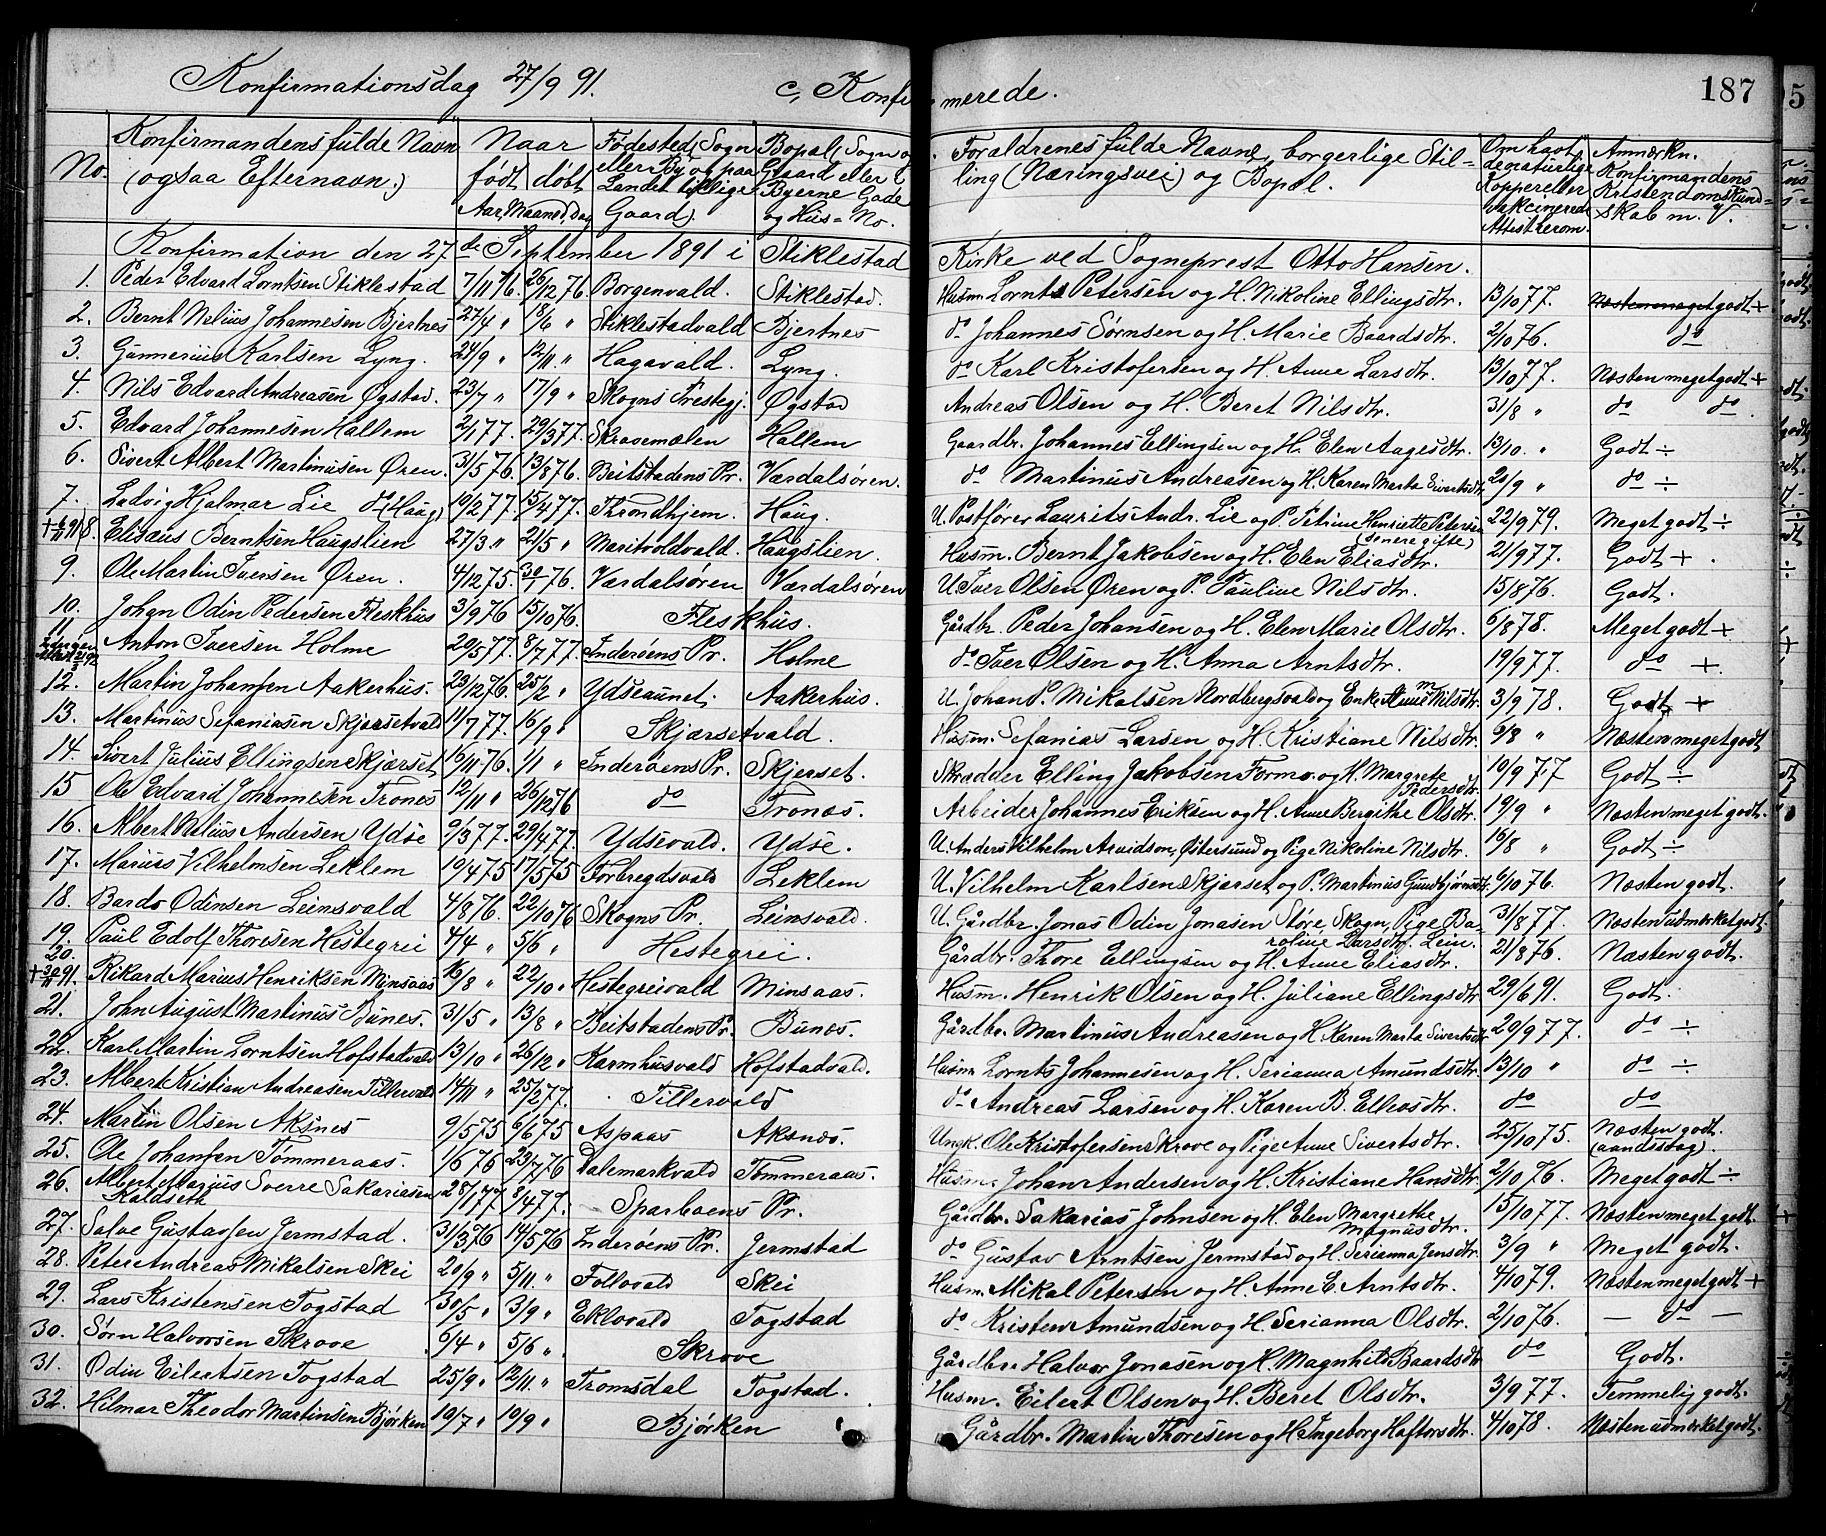 SAT, Ministerialprotokoller, klokkerbøker og fødselsregistre - Nord-Trøndelag, 723/L0257: Klokkerbok nr. 723C05, 1890-1907, s. 187